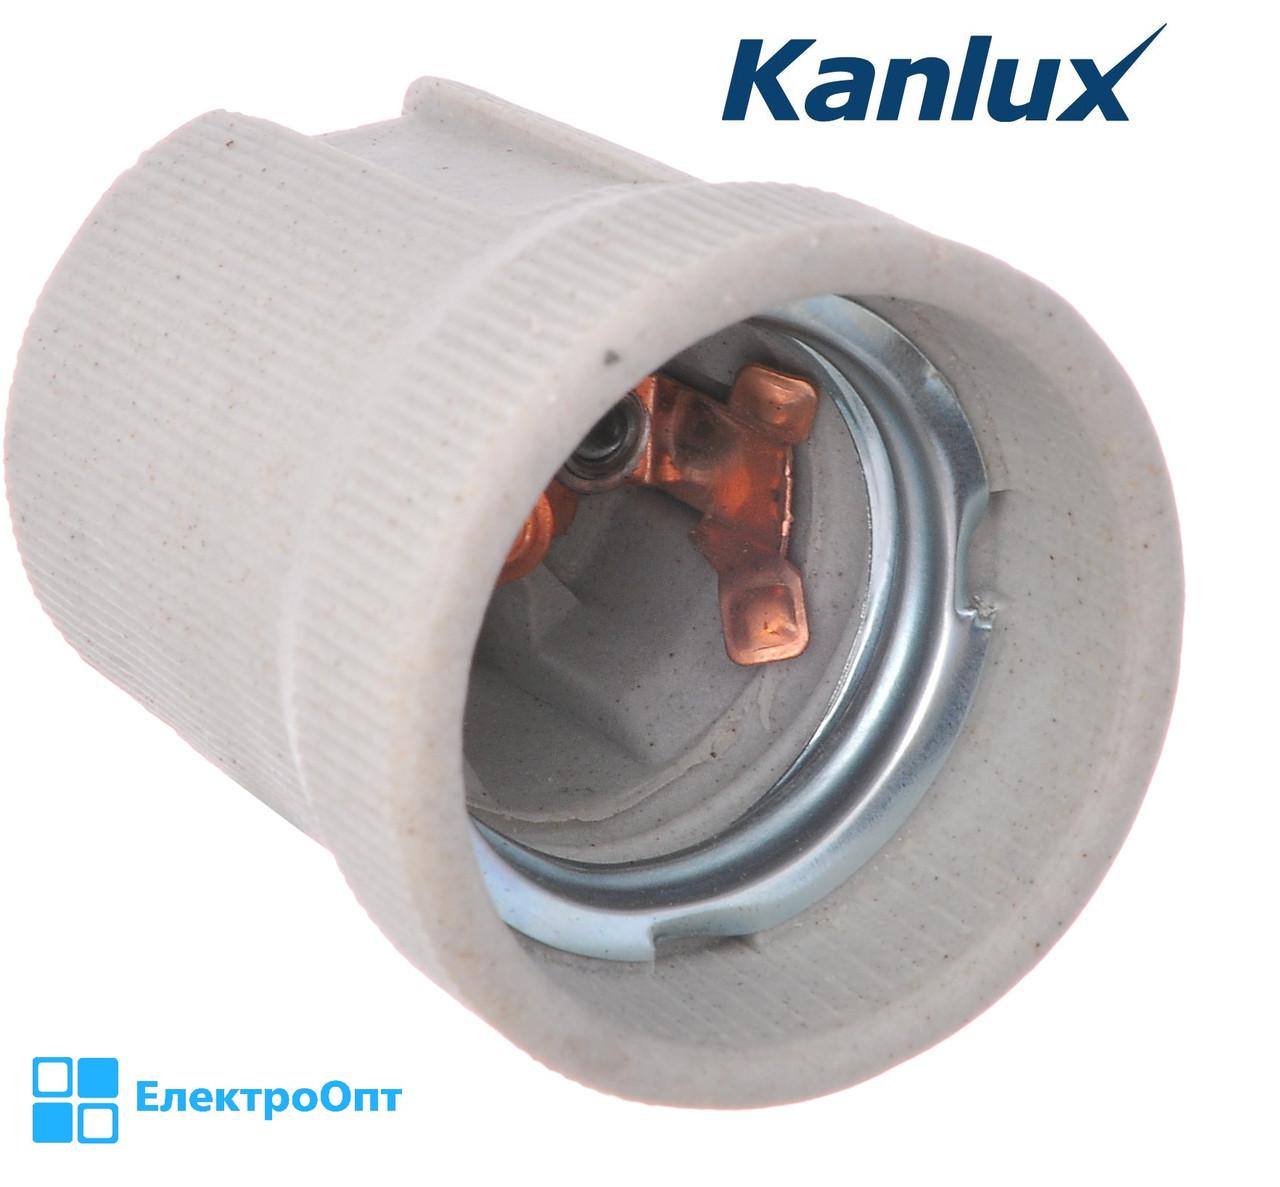 Електричний Патрон Е27 Kanlux прямий кераміка